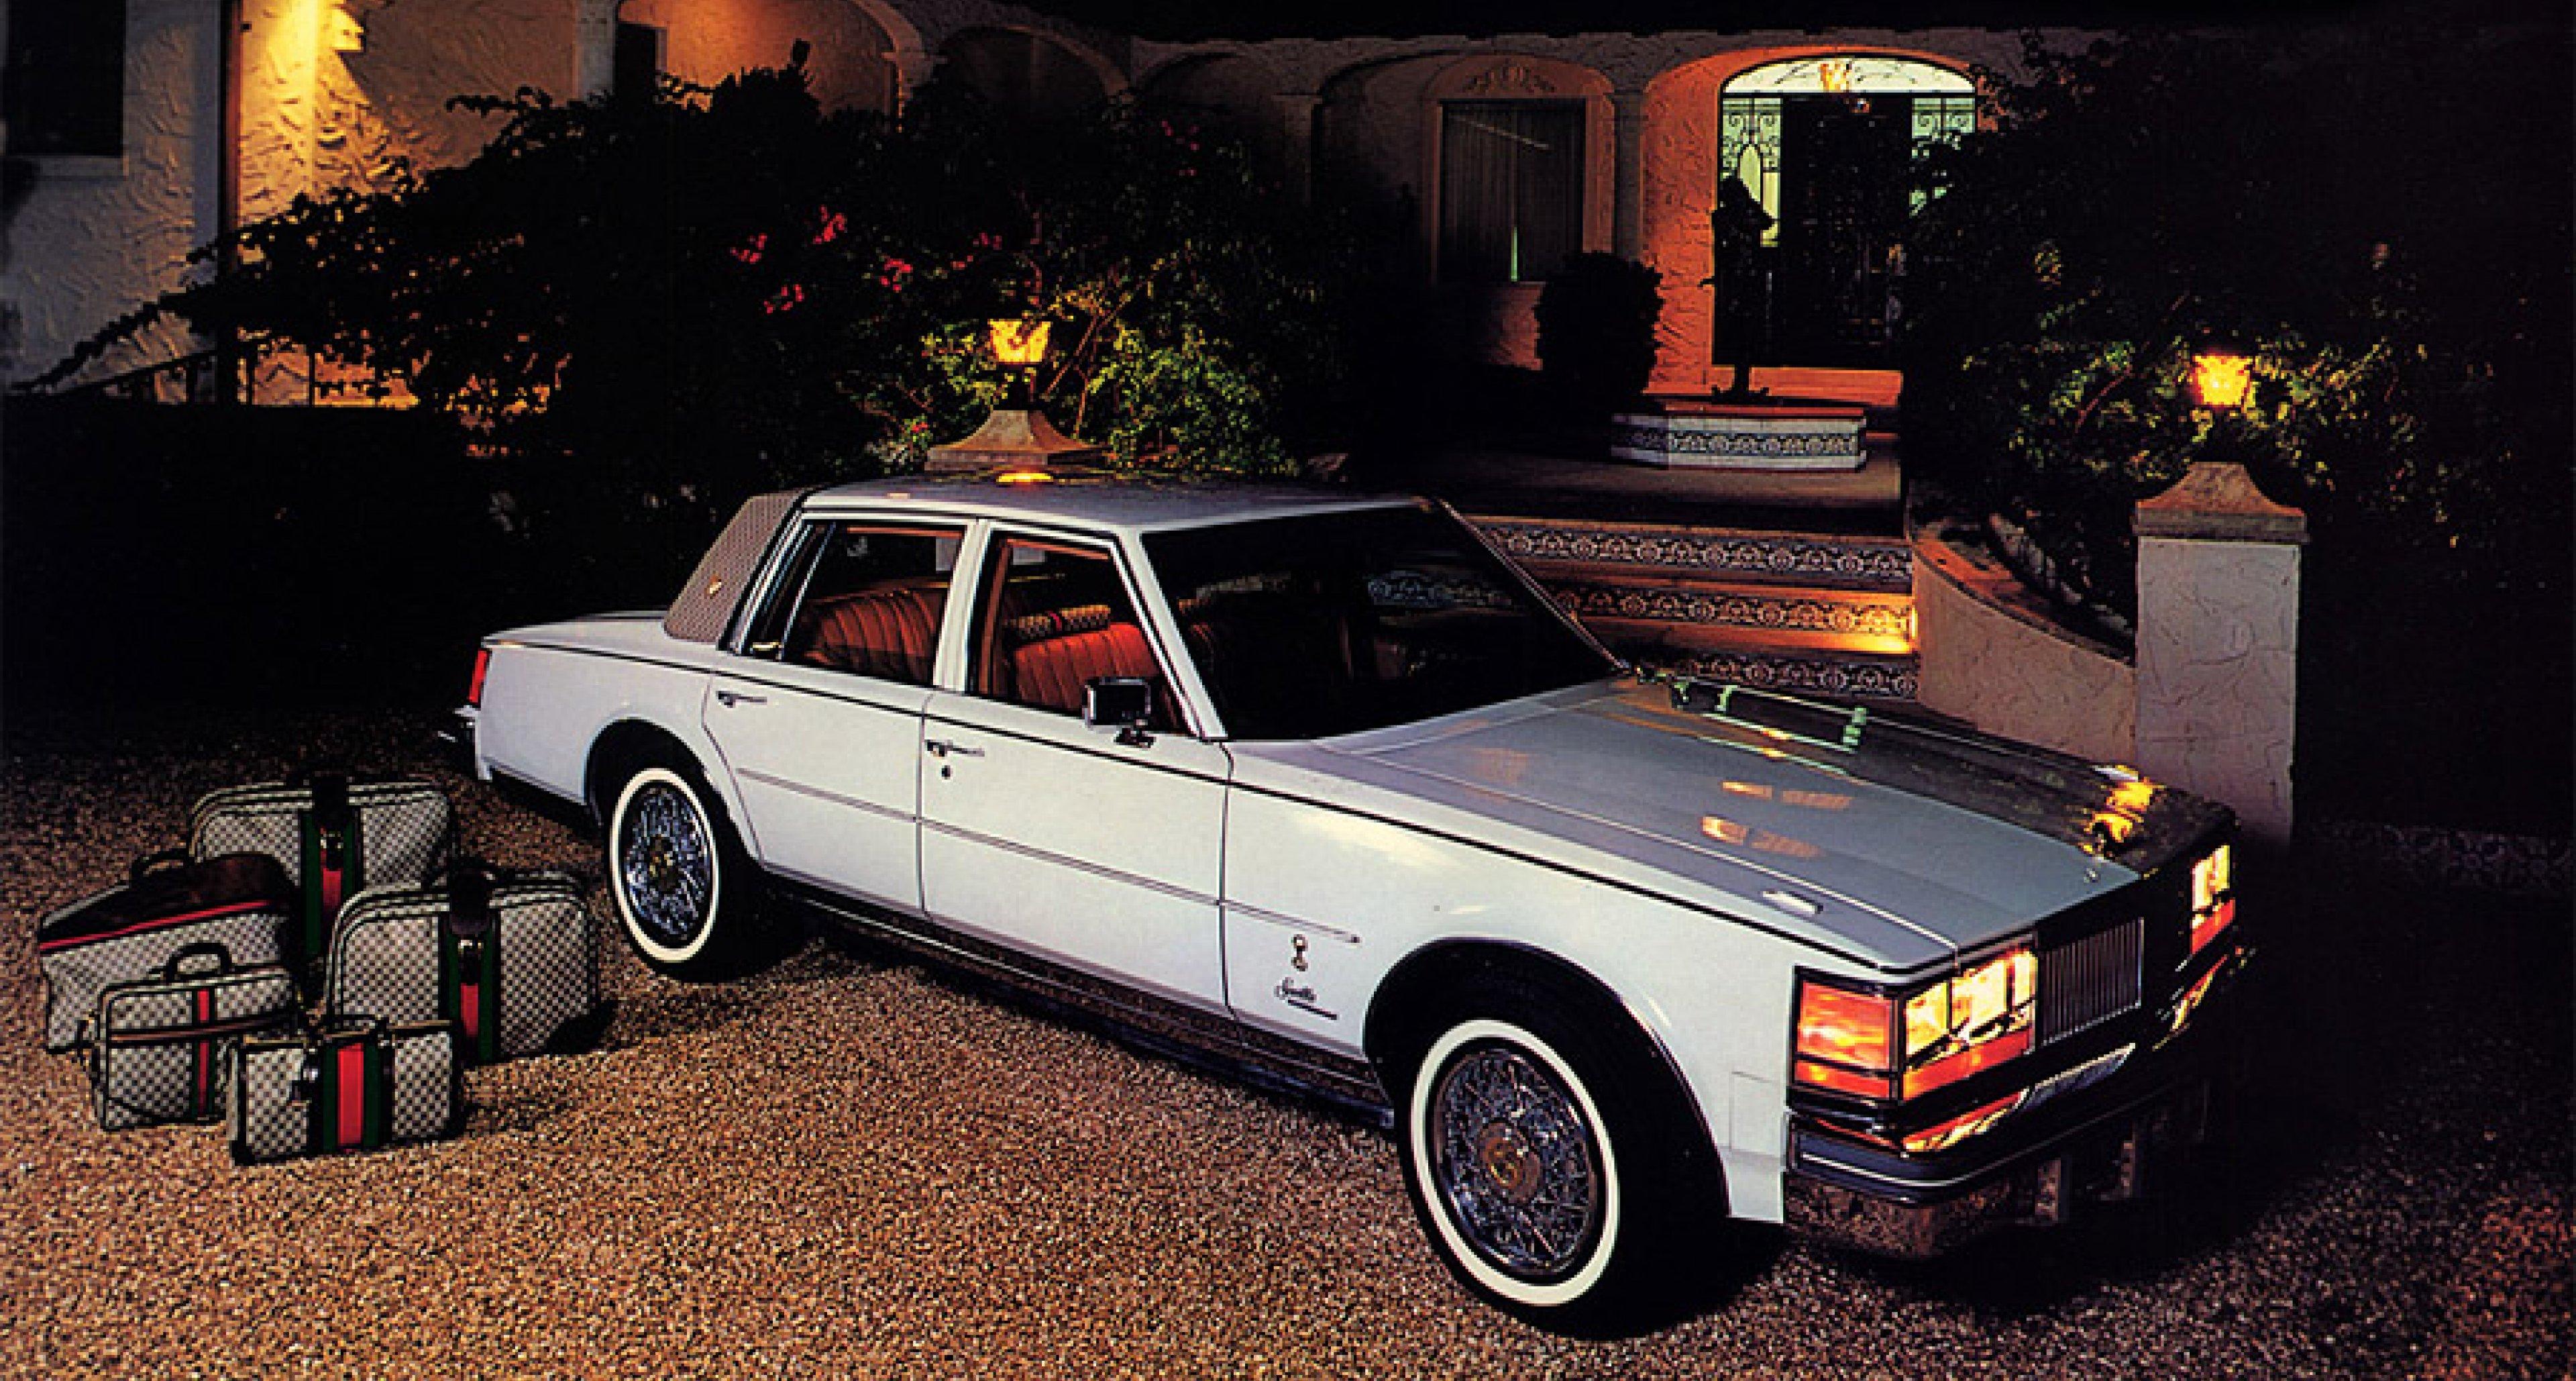 2018 Cadillac Seville >> Cadillac Seville designed by Gucci: Molto Americano! | Classic Driver Magazine